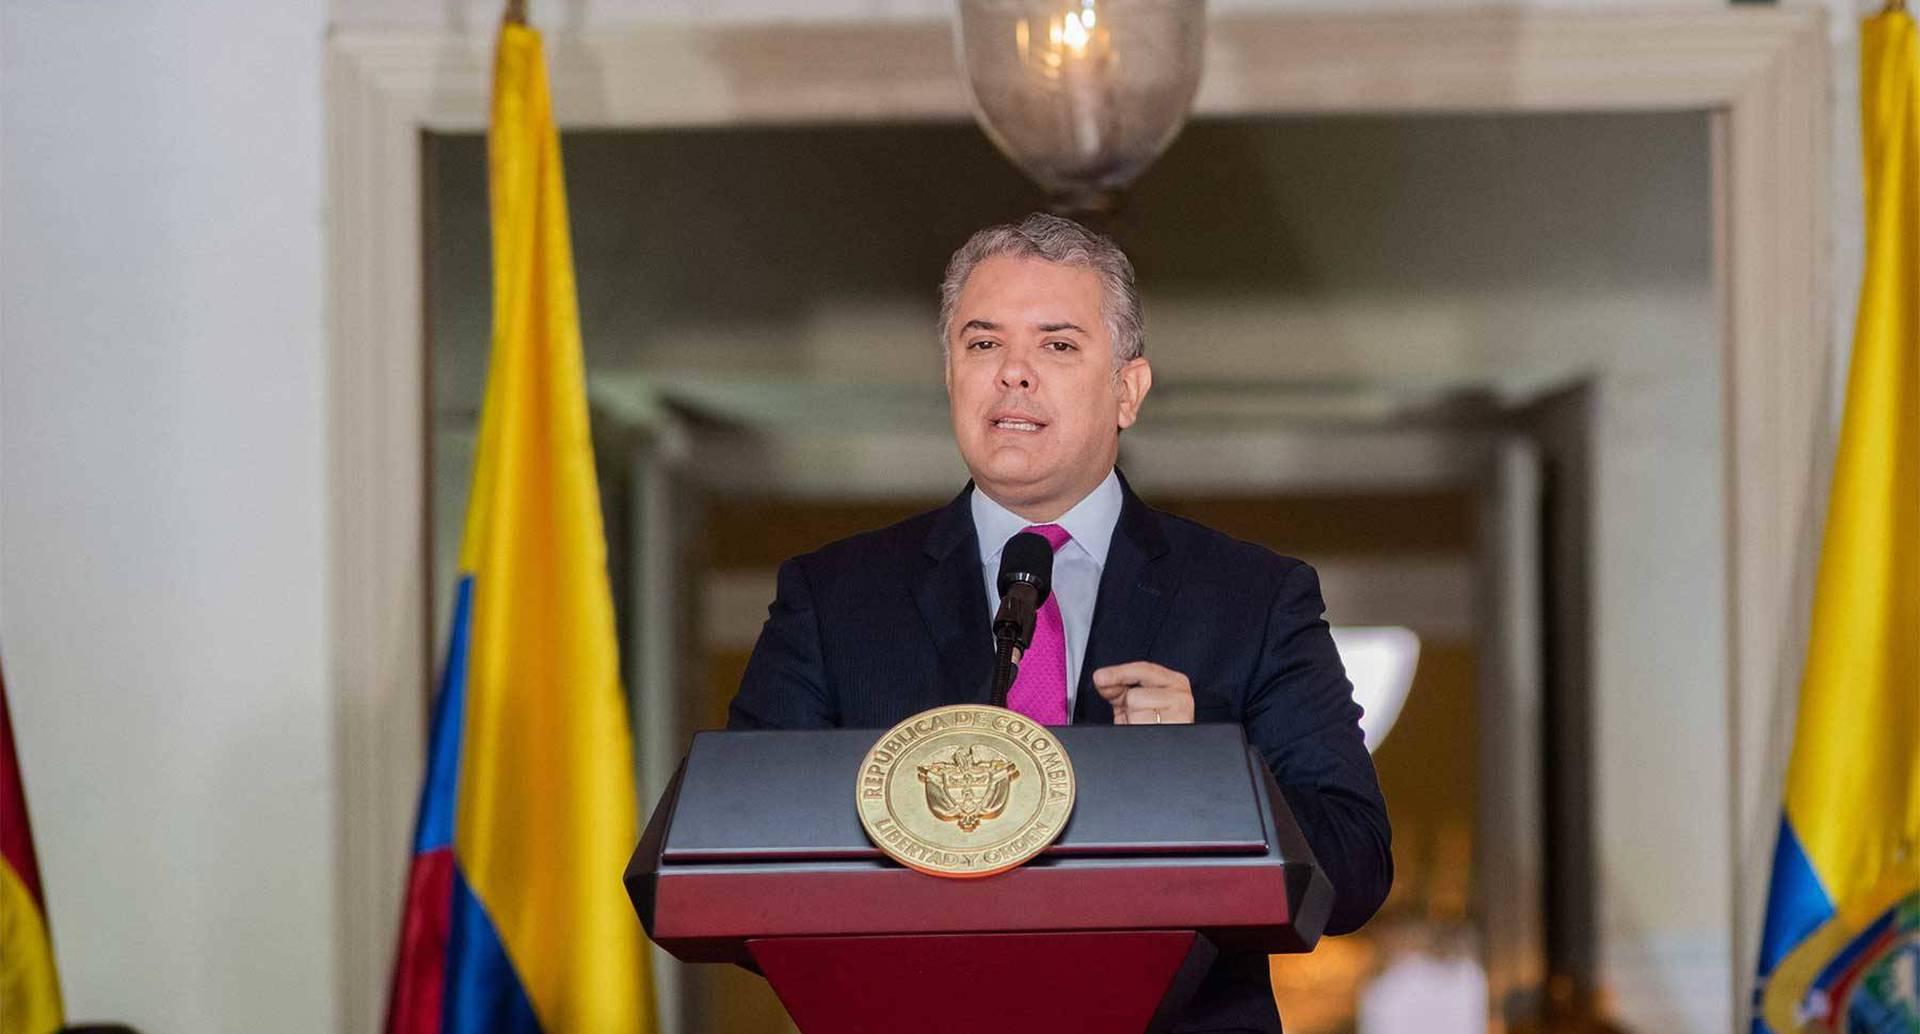 El mandatario intervino en la XX Reunión del Consejo Presidencial Andino. Foto Presidencia.